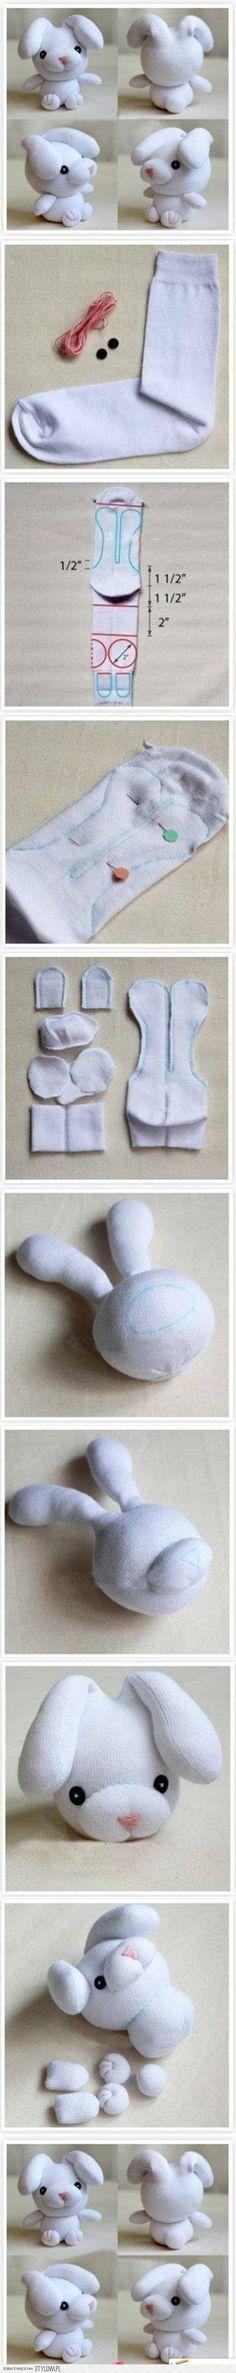 Sympatyczne króliki zrobione ze skarpetek - instrukcja…